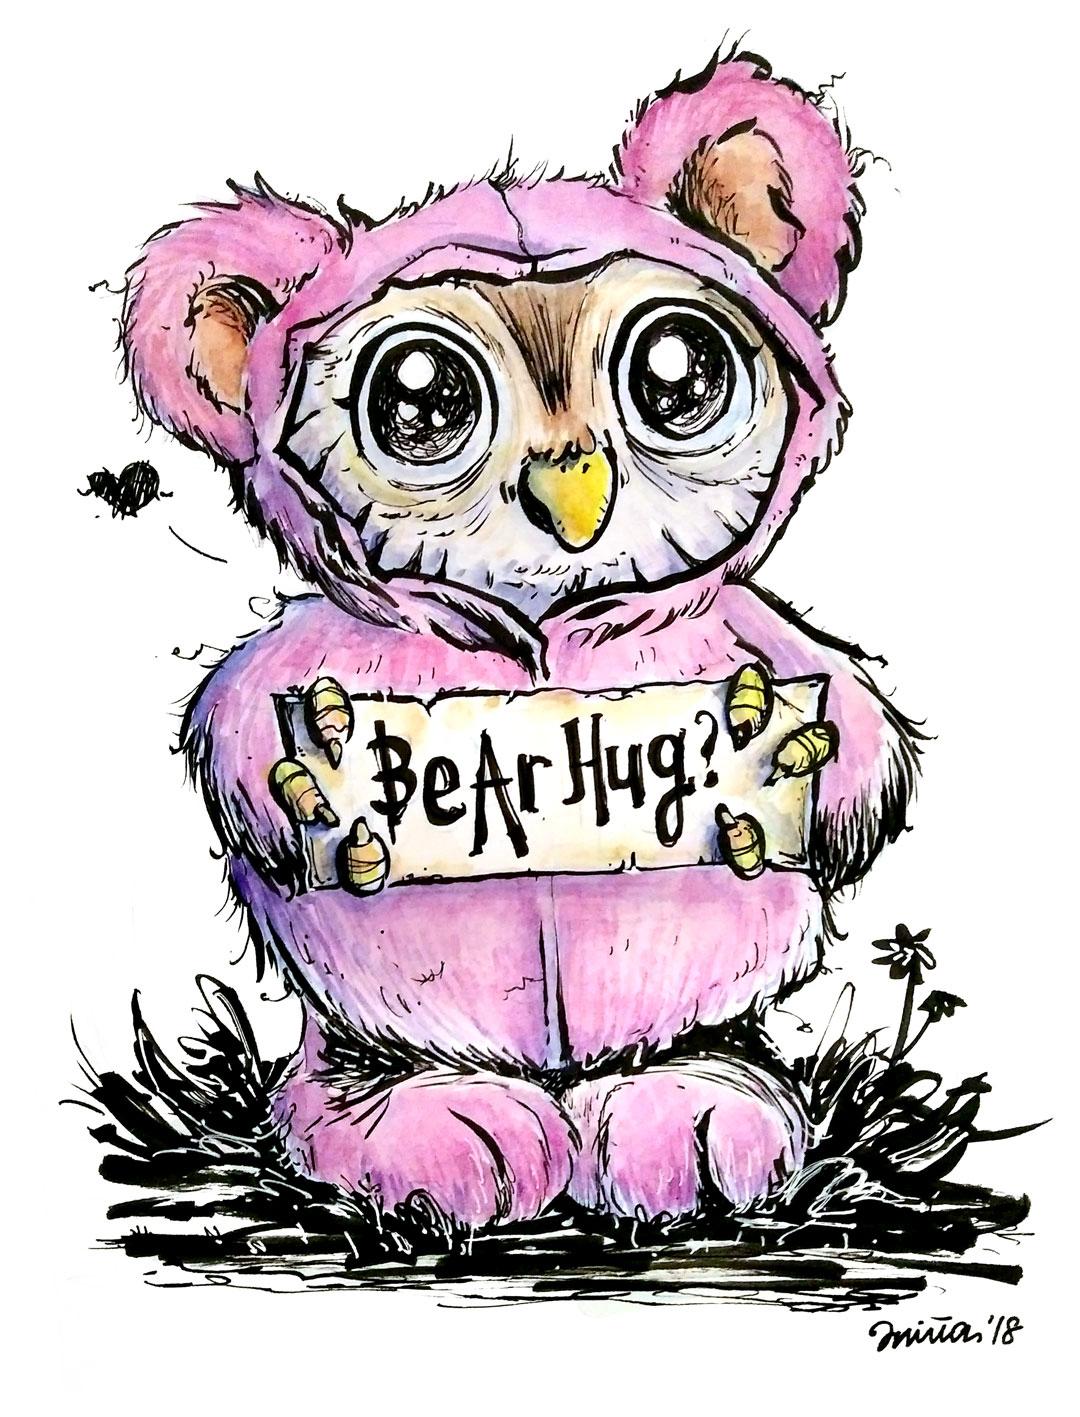 004-owlbear-1080.jpg